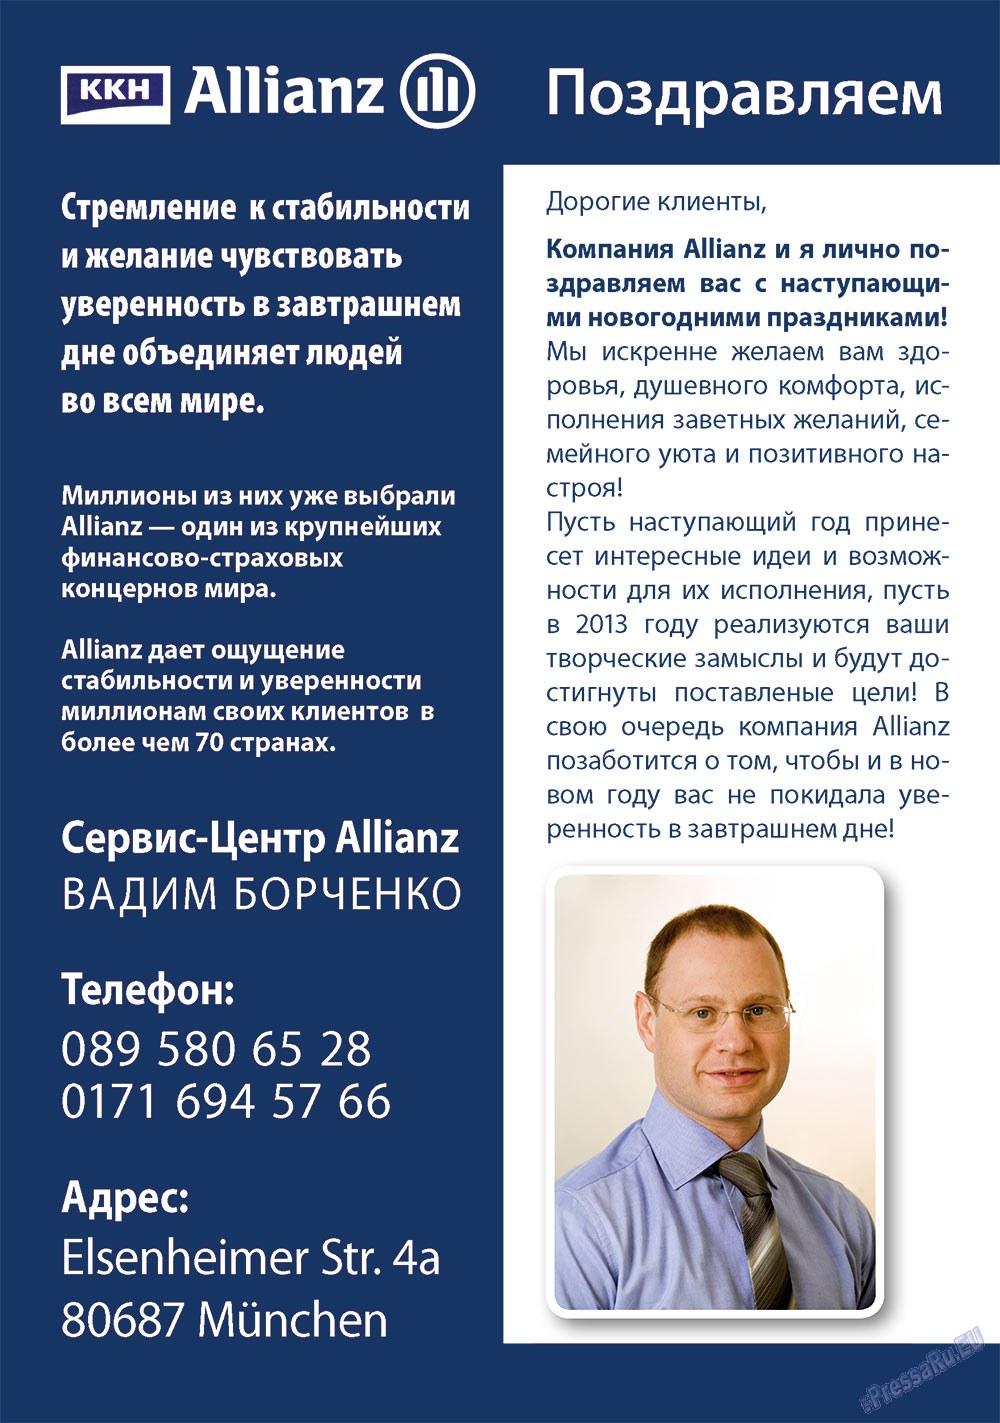 Апельсин (журнал). 2012 год, номер 41, стр. 24